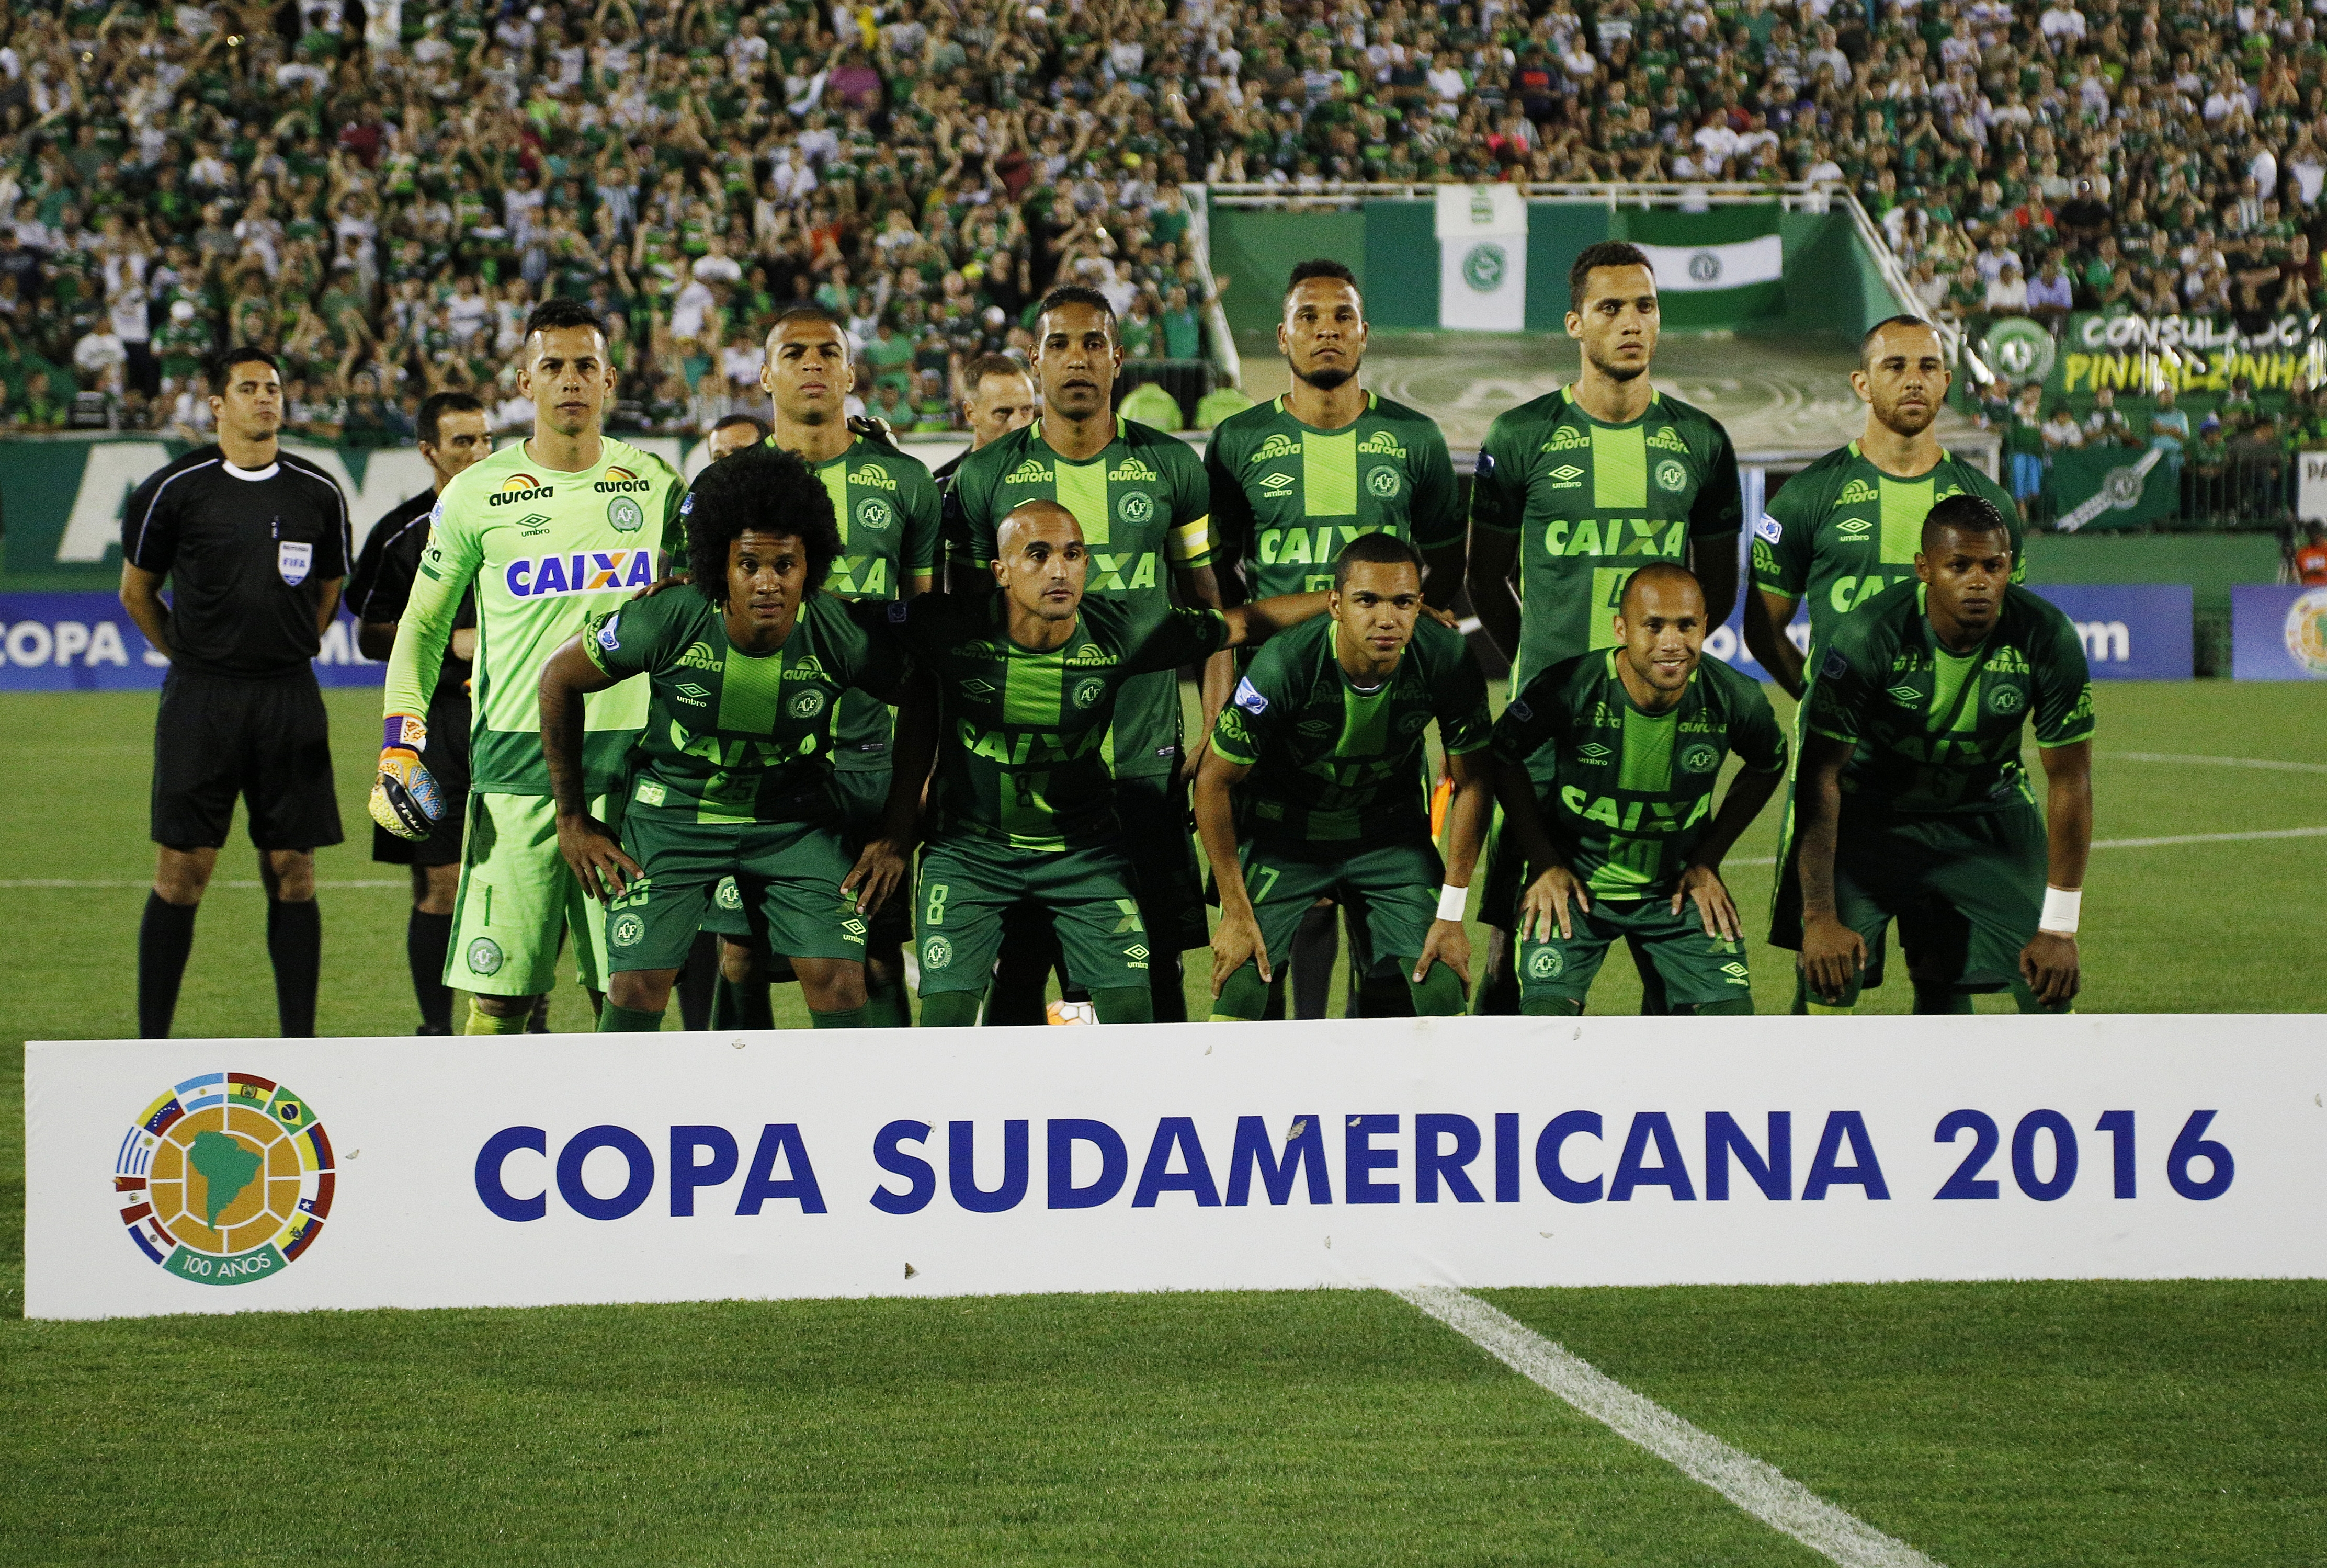 Chapecoense e homologada campeã da Copa Sul-Americana 2016 - Flickr Chapecoense/ND